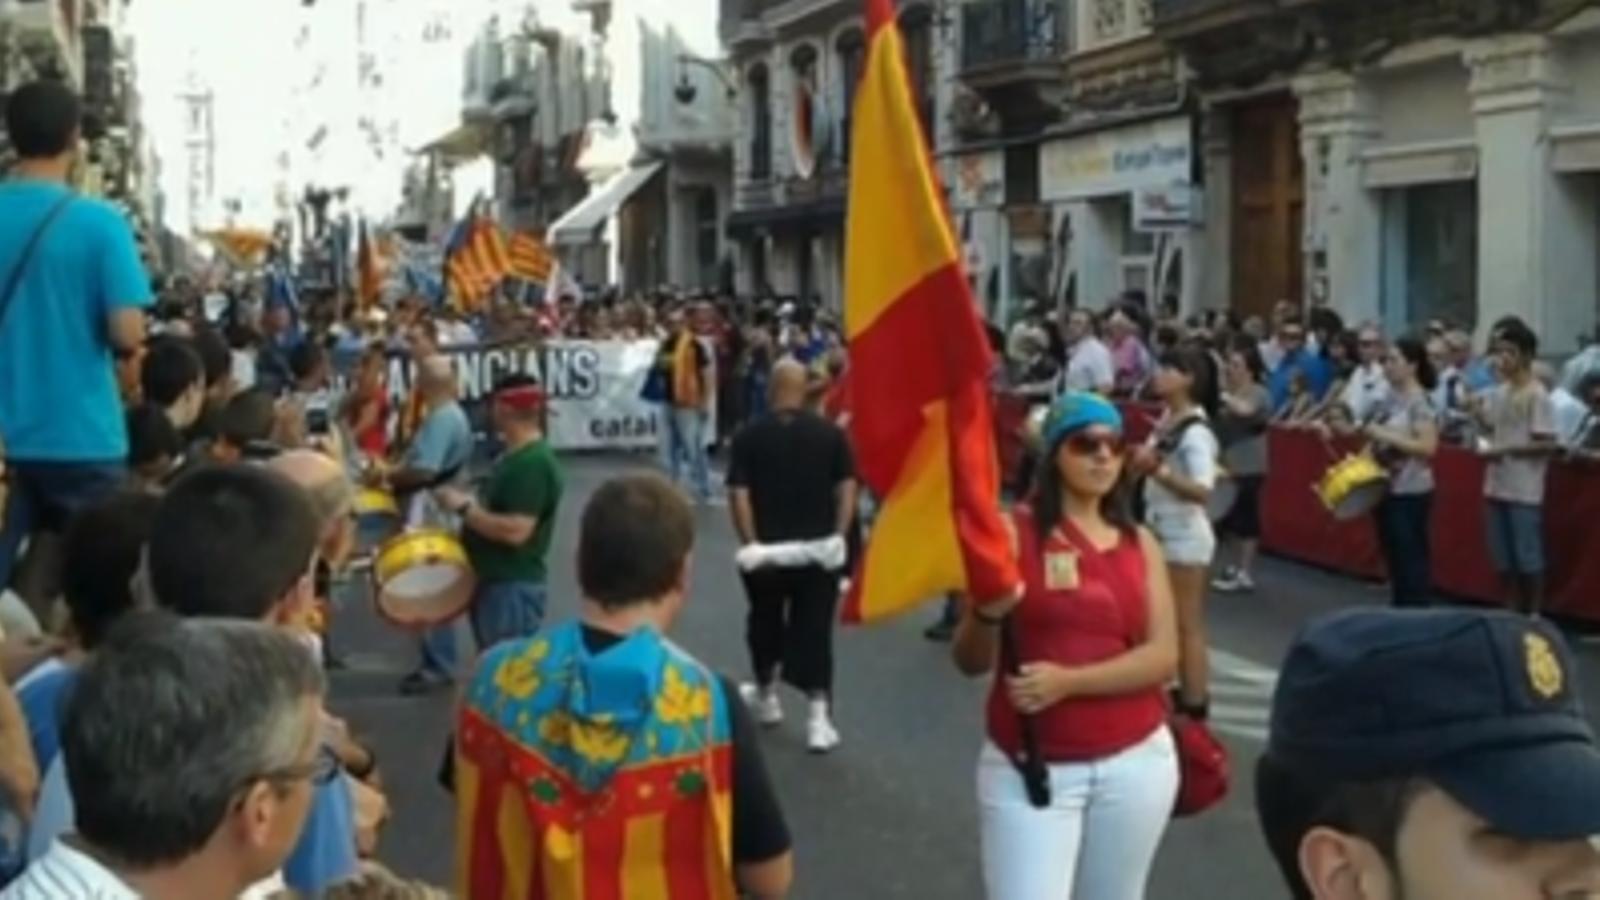 #Somvalencians: vídeo del PP valencià amb imatges d'ultres